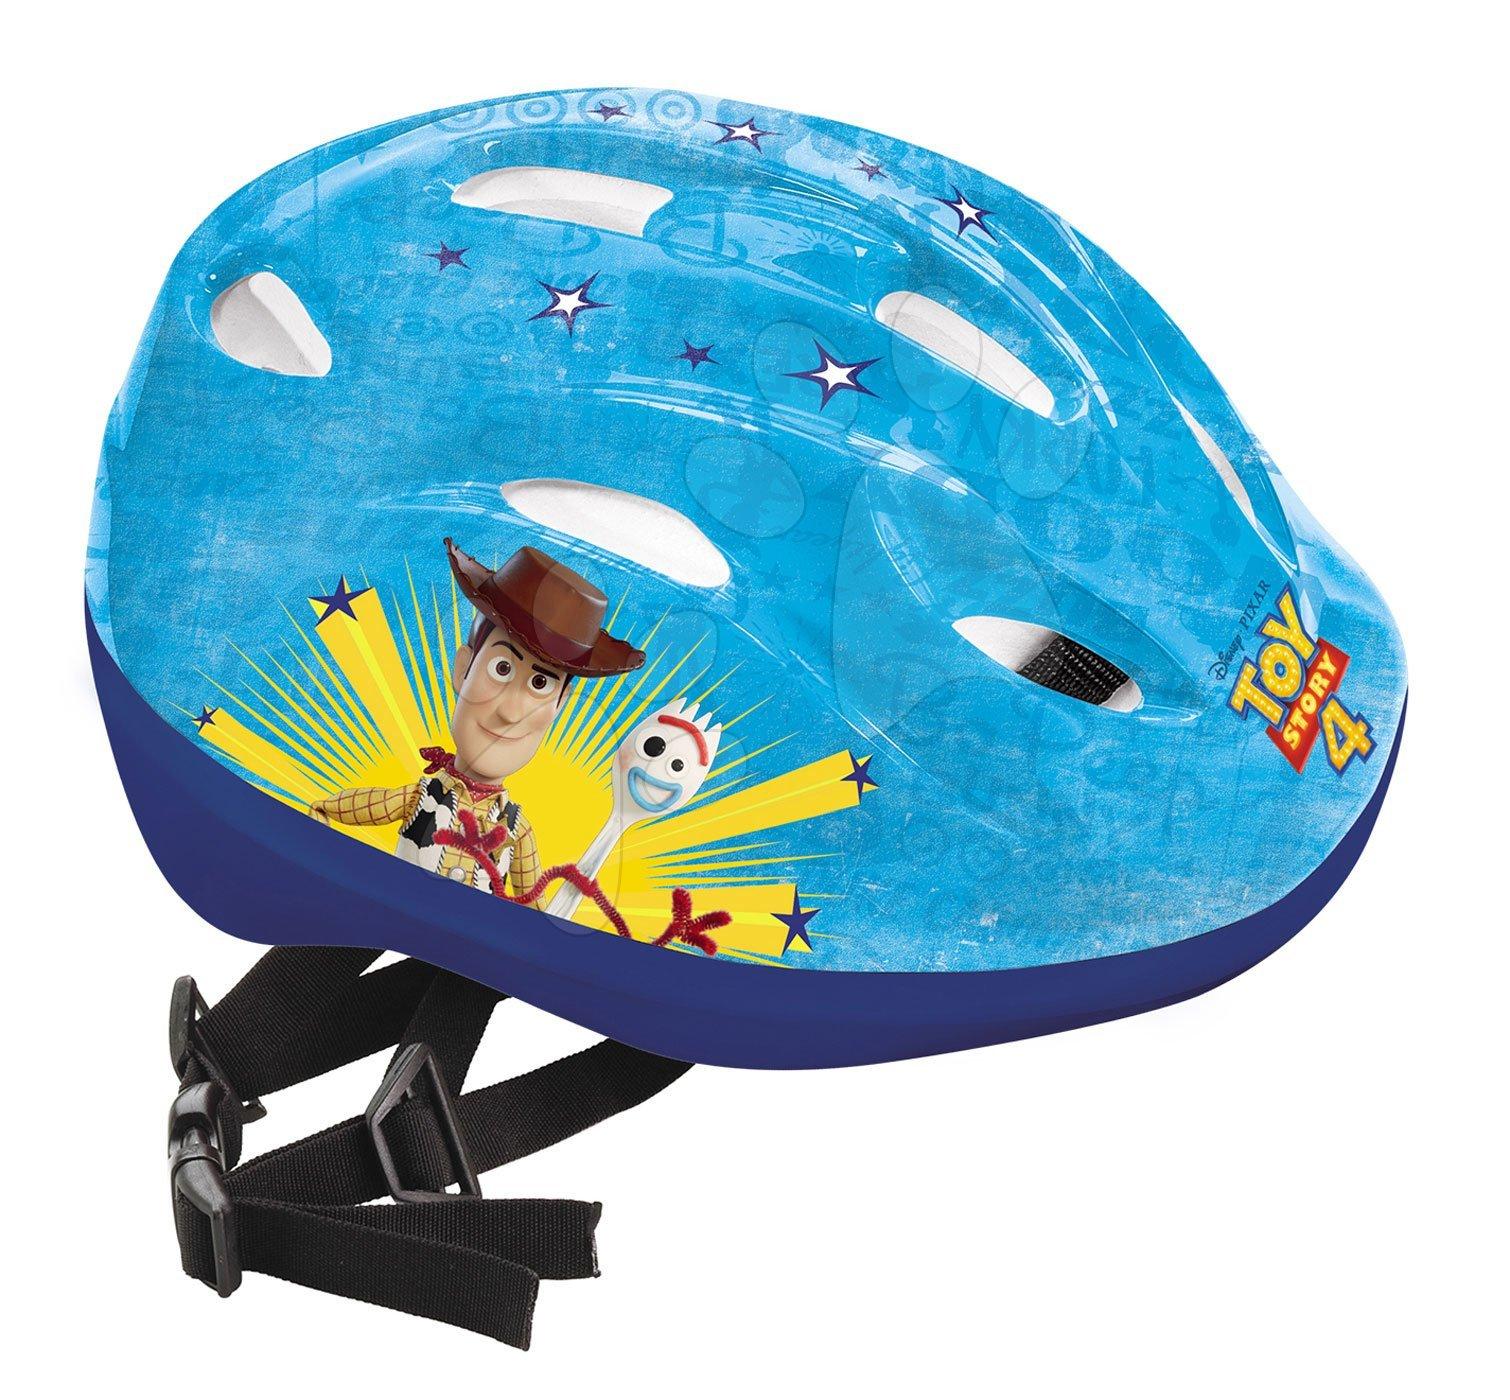 Védősisak Toy Story Mondo méret 52-56 kék